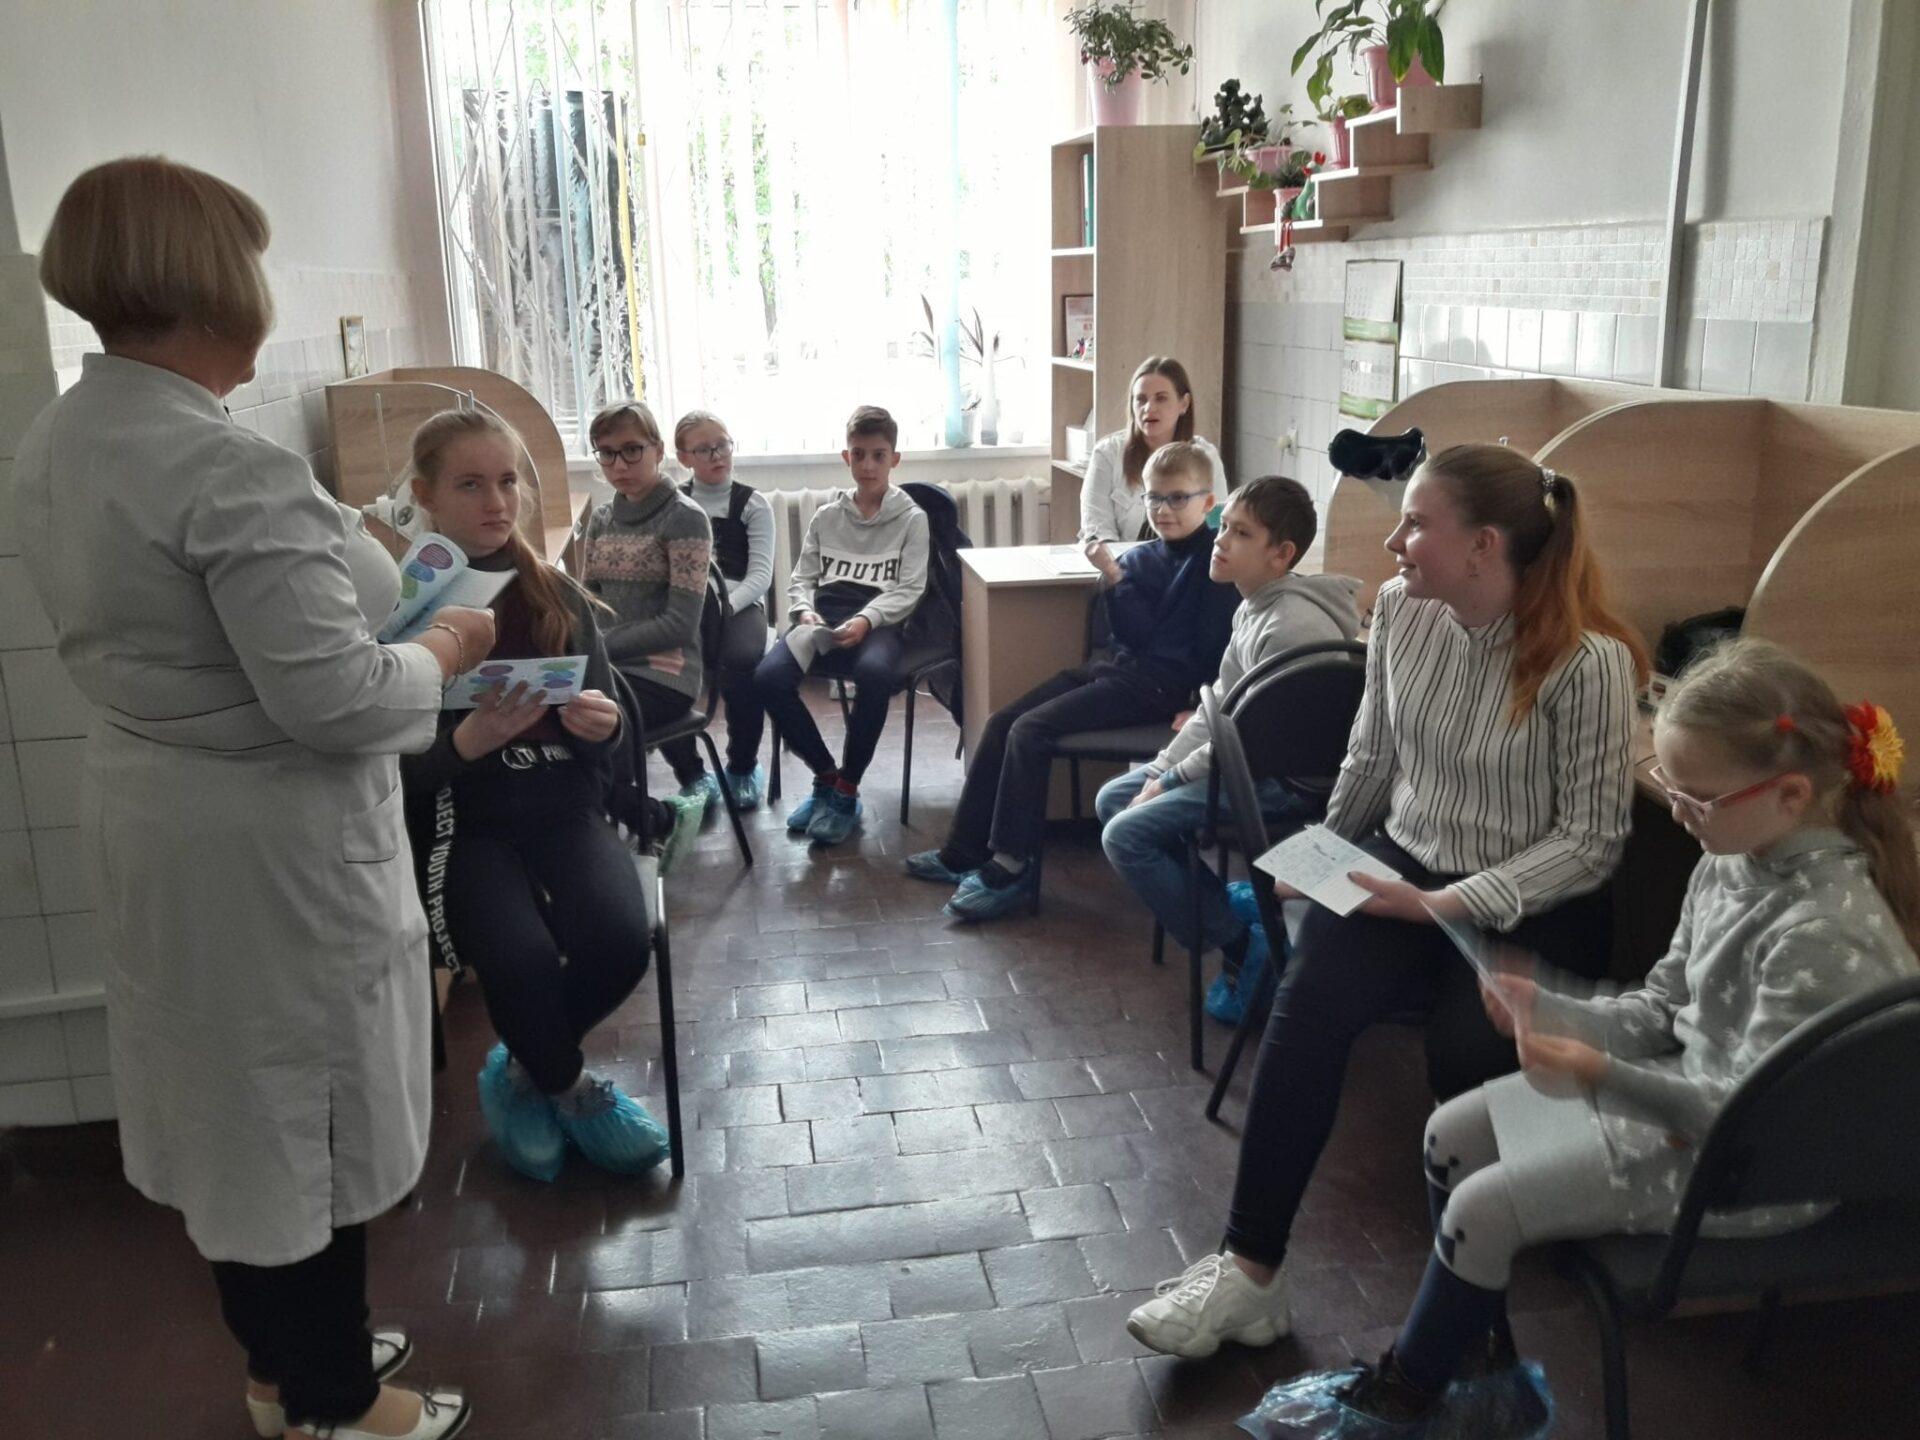 Фахівцівідділення відновного лікування провели заняття з дітьми з нагоди Всесвітнього дня зору Міська дитяча лікарня №5 детская больница Запорожье